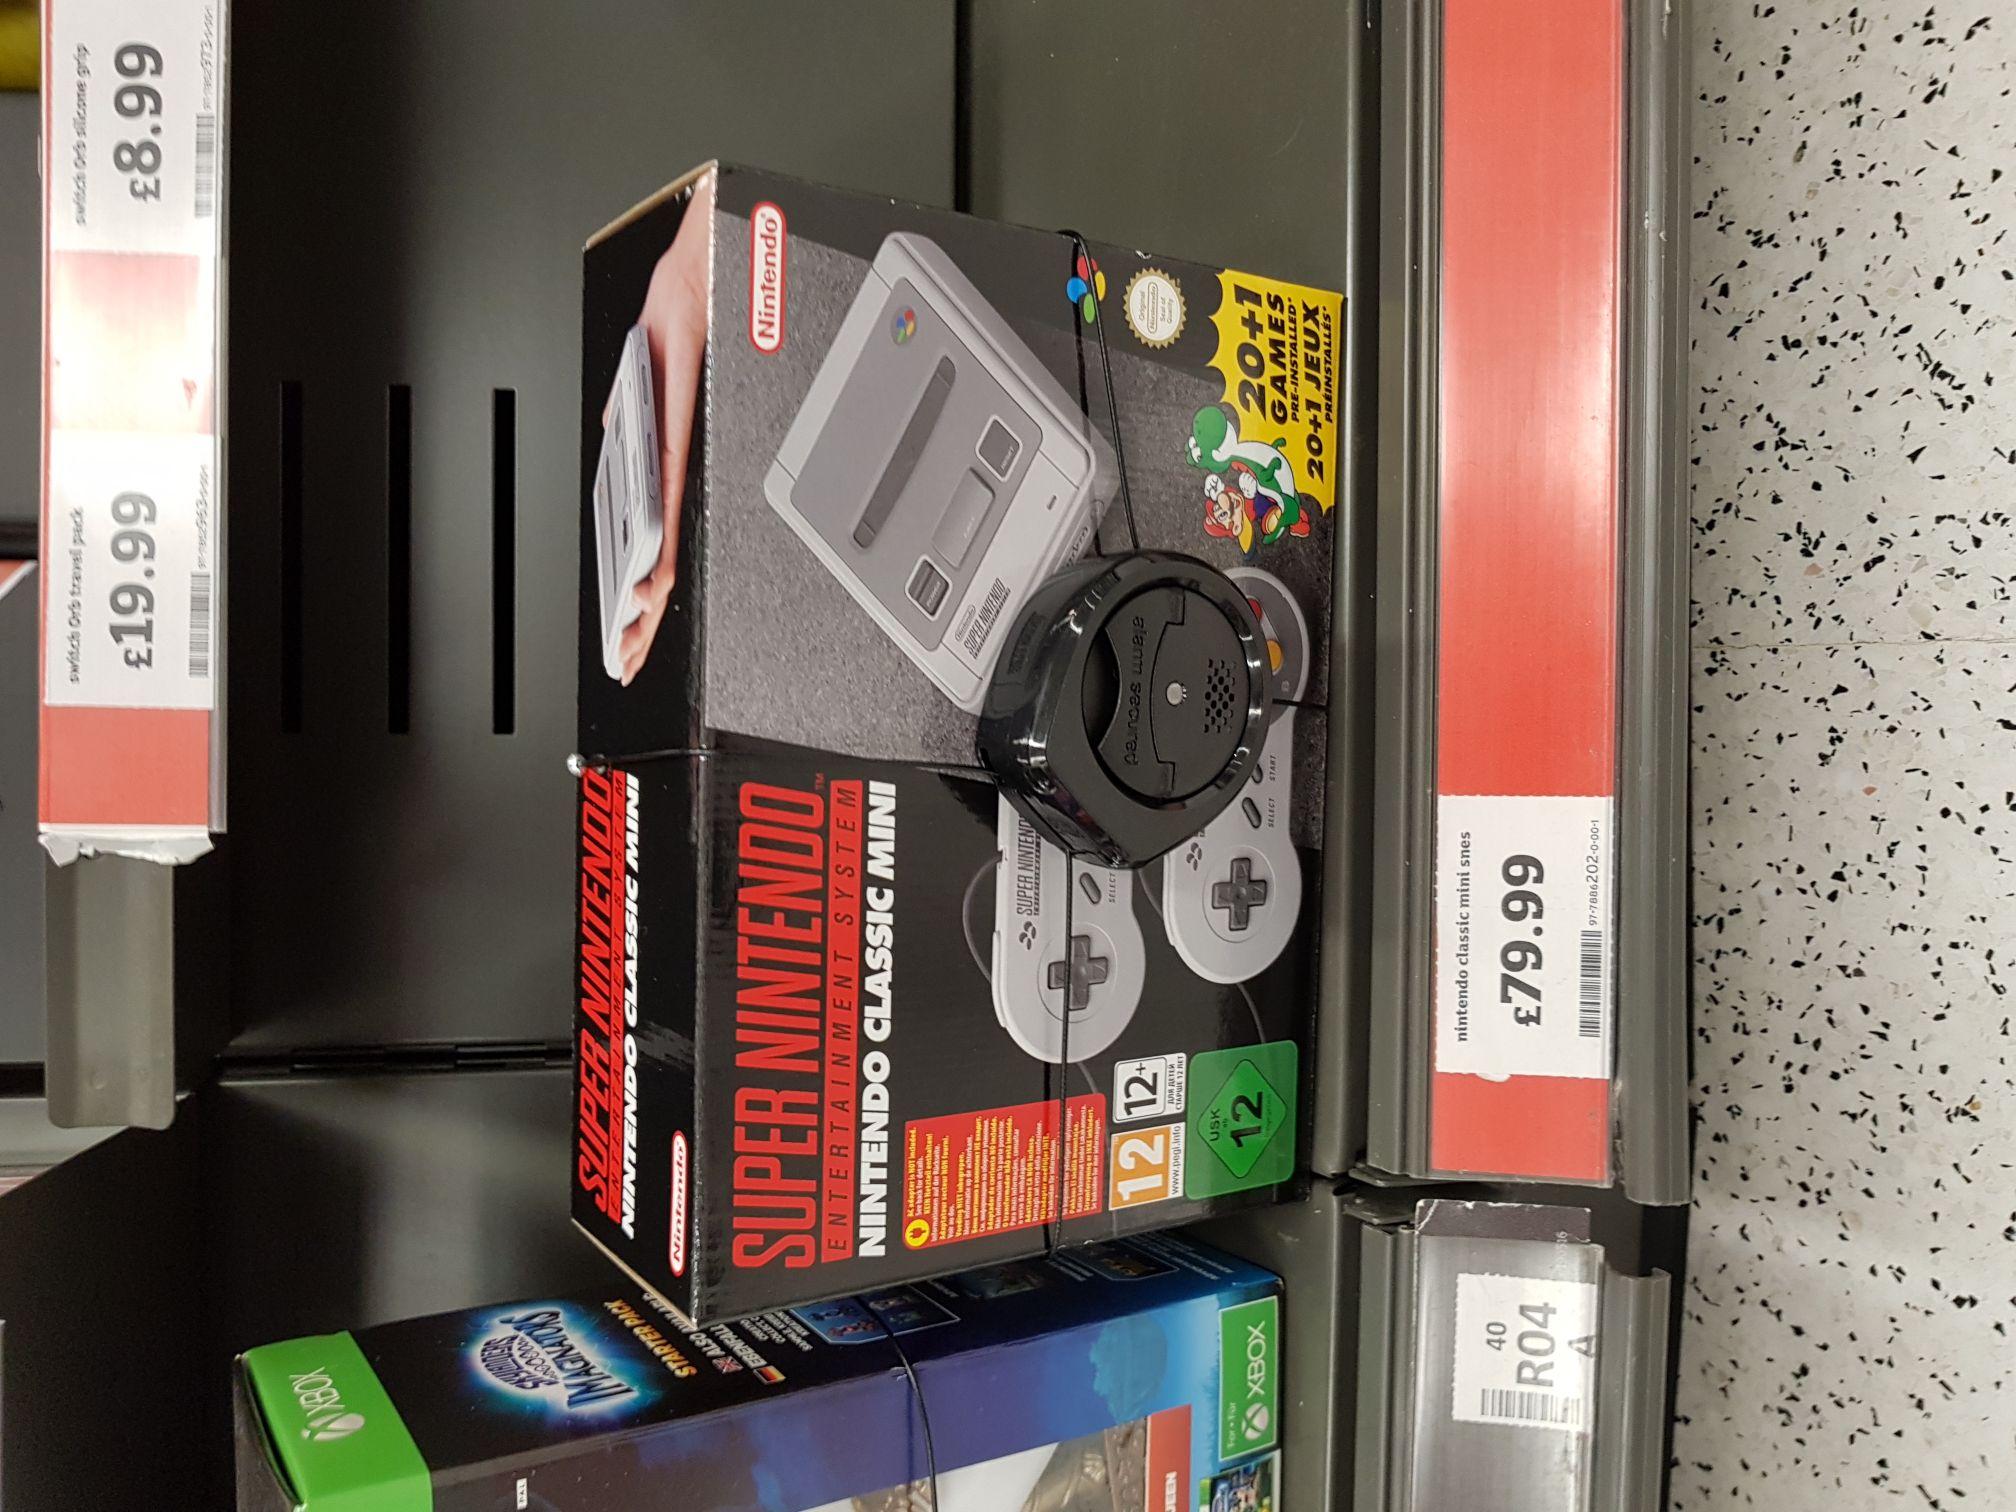 Snes classic mini Nintendo - £79.99 instore @ Sainsburys Ashton under lyne